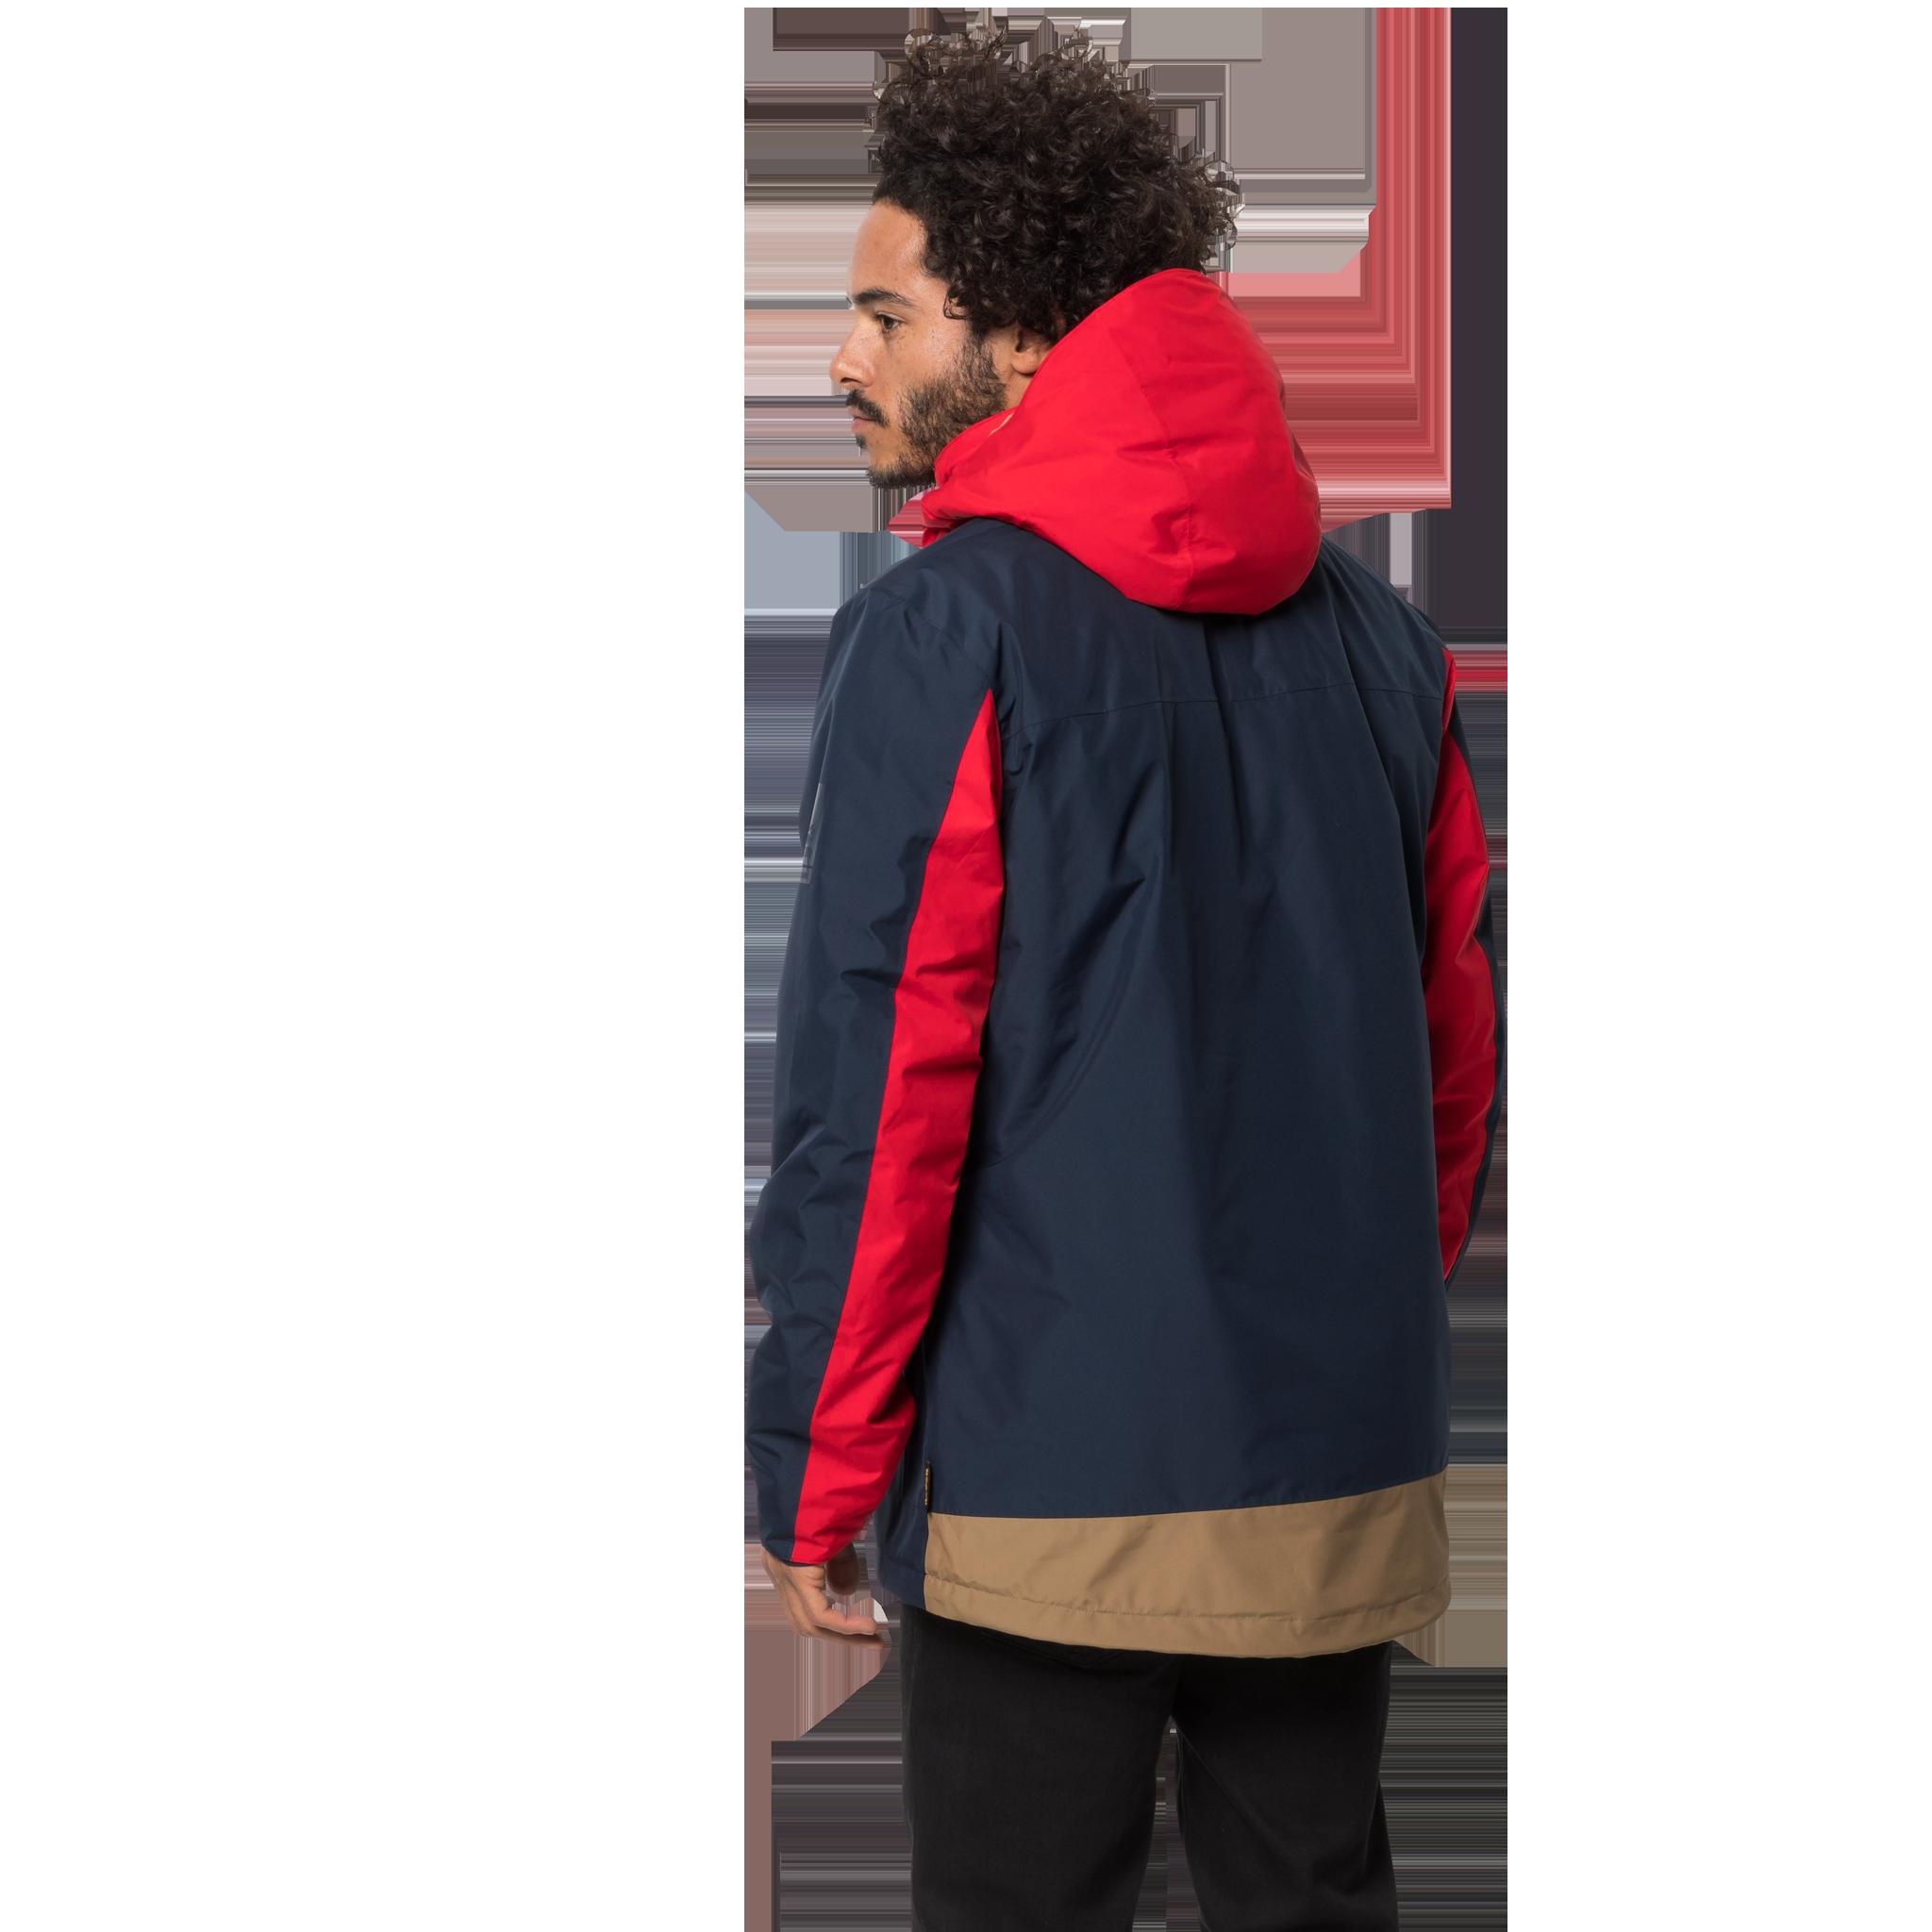 Куртка мужская 365 ONTHE MOVE синий/красный Jack Wolfskin — фото 3